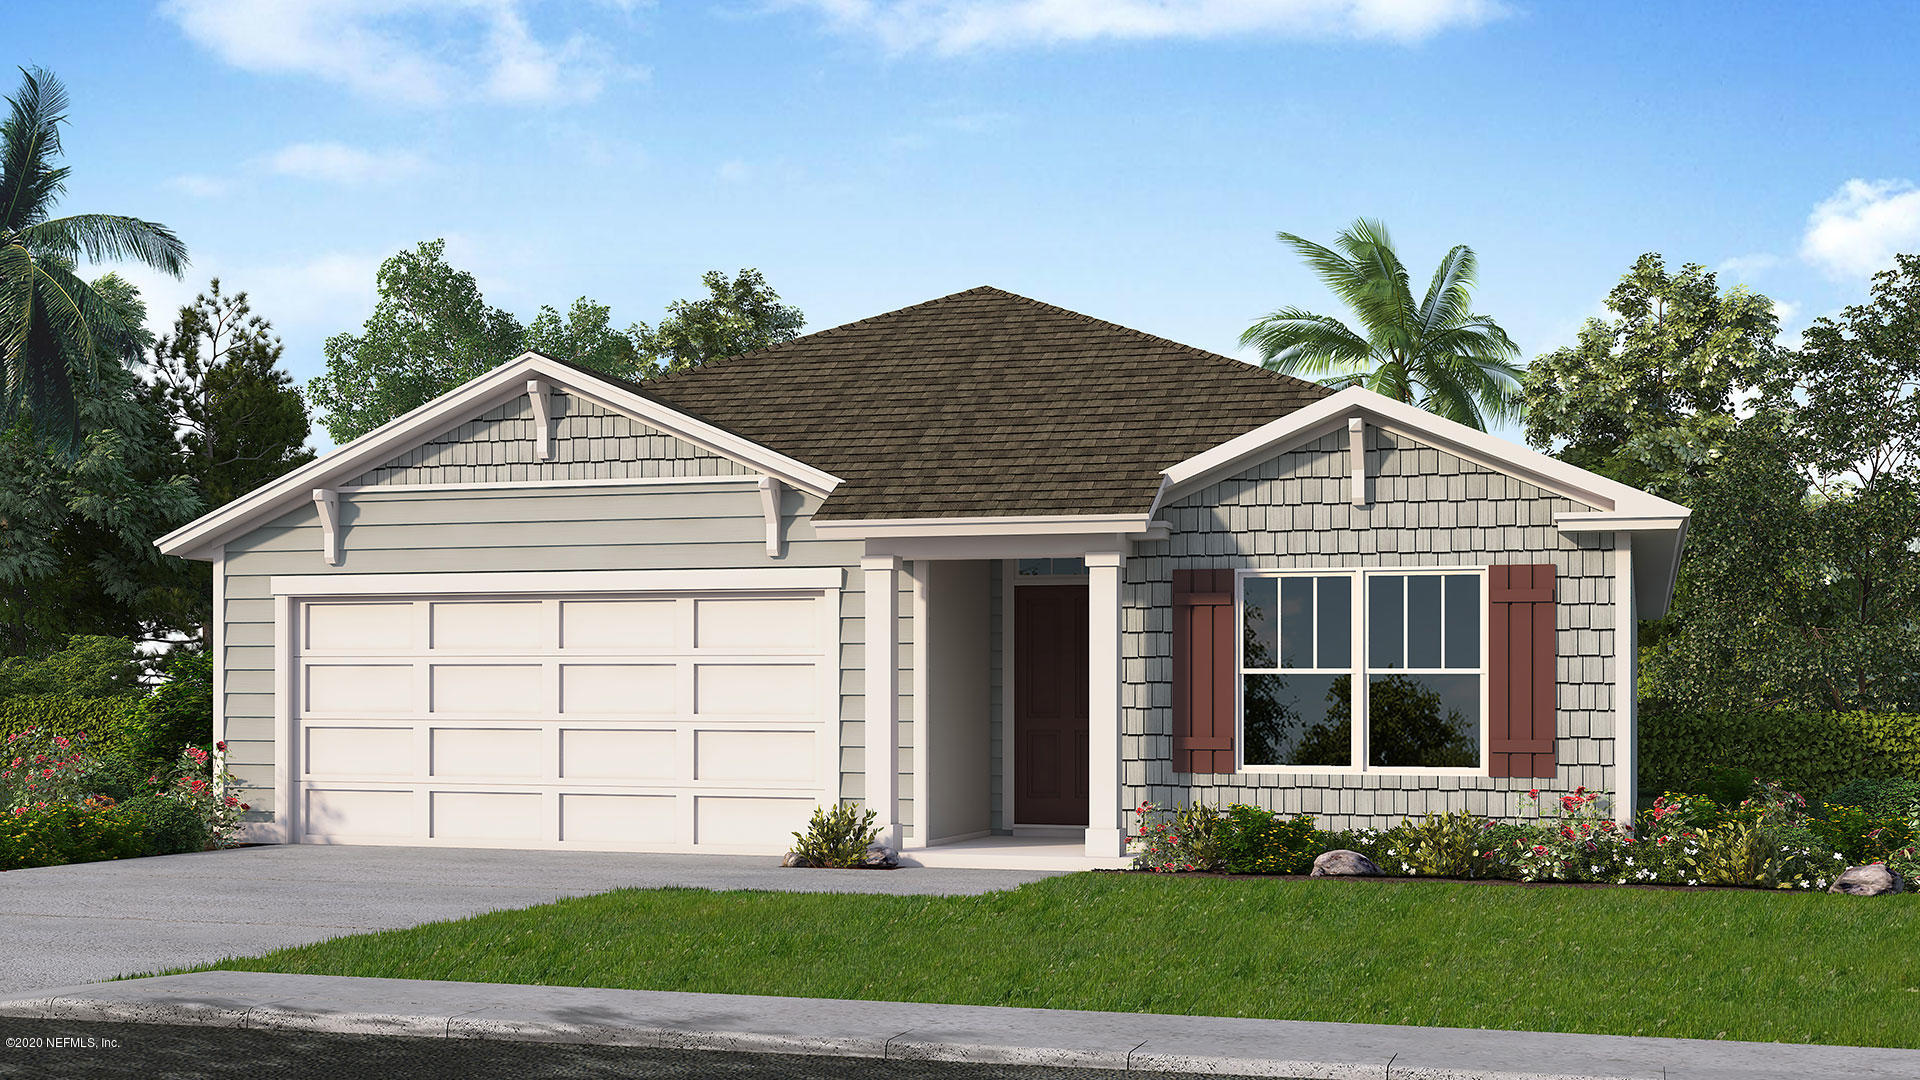 11575 SHEEPSHEAD, JACKSONVILLE, FLORIDA 32226, 3 Bedrooms Bedrooms, ,2 BathroomsBathrooms,Residential,For sale,SHEEPSHEAD,1059798